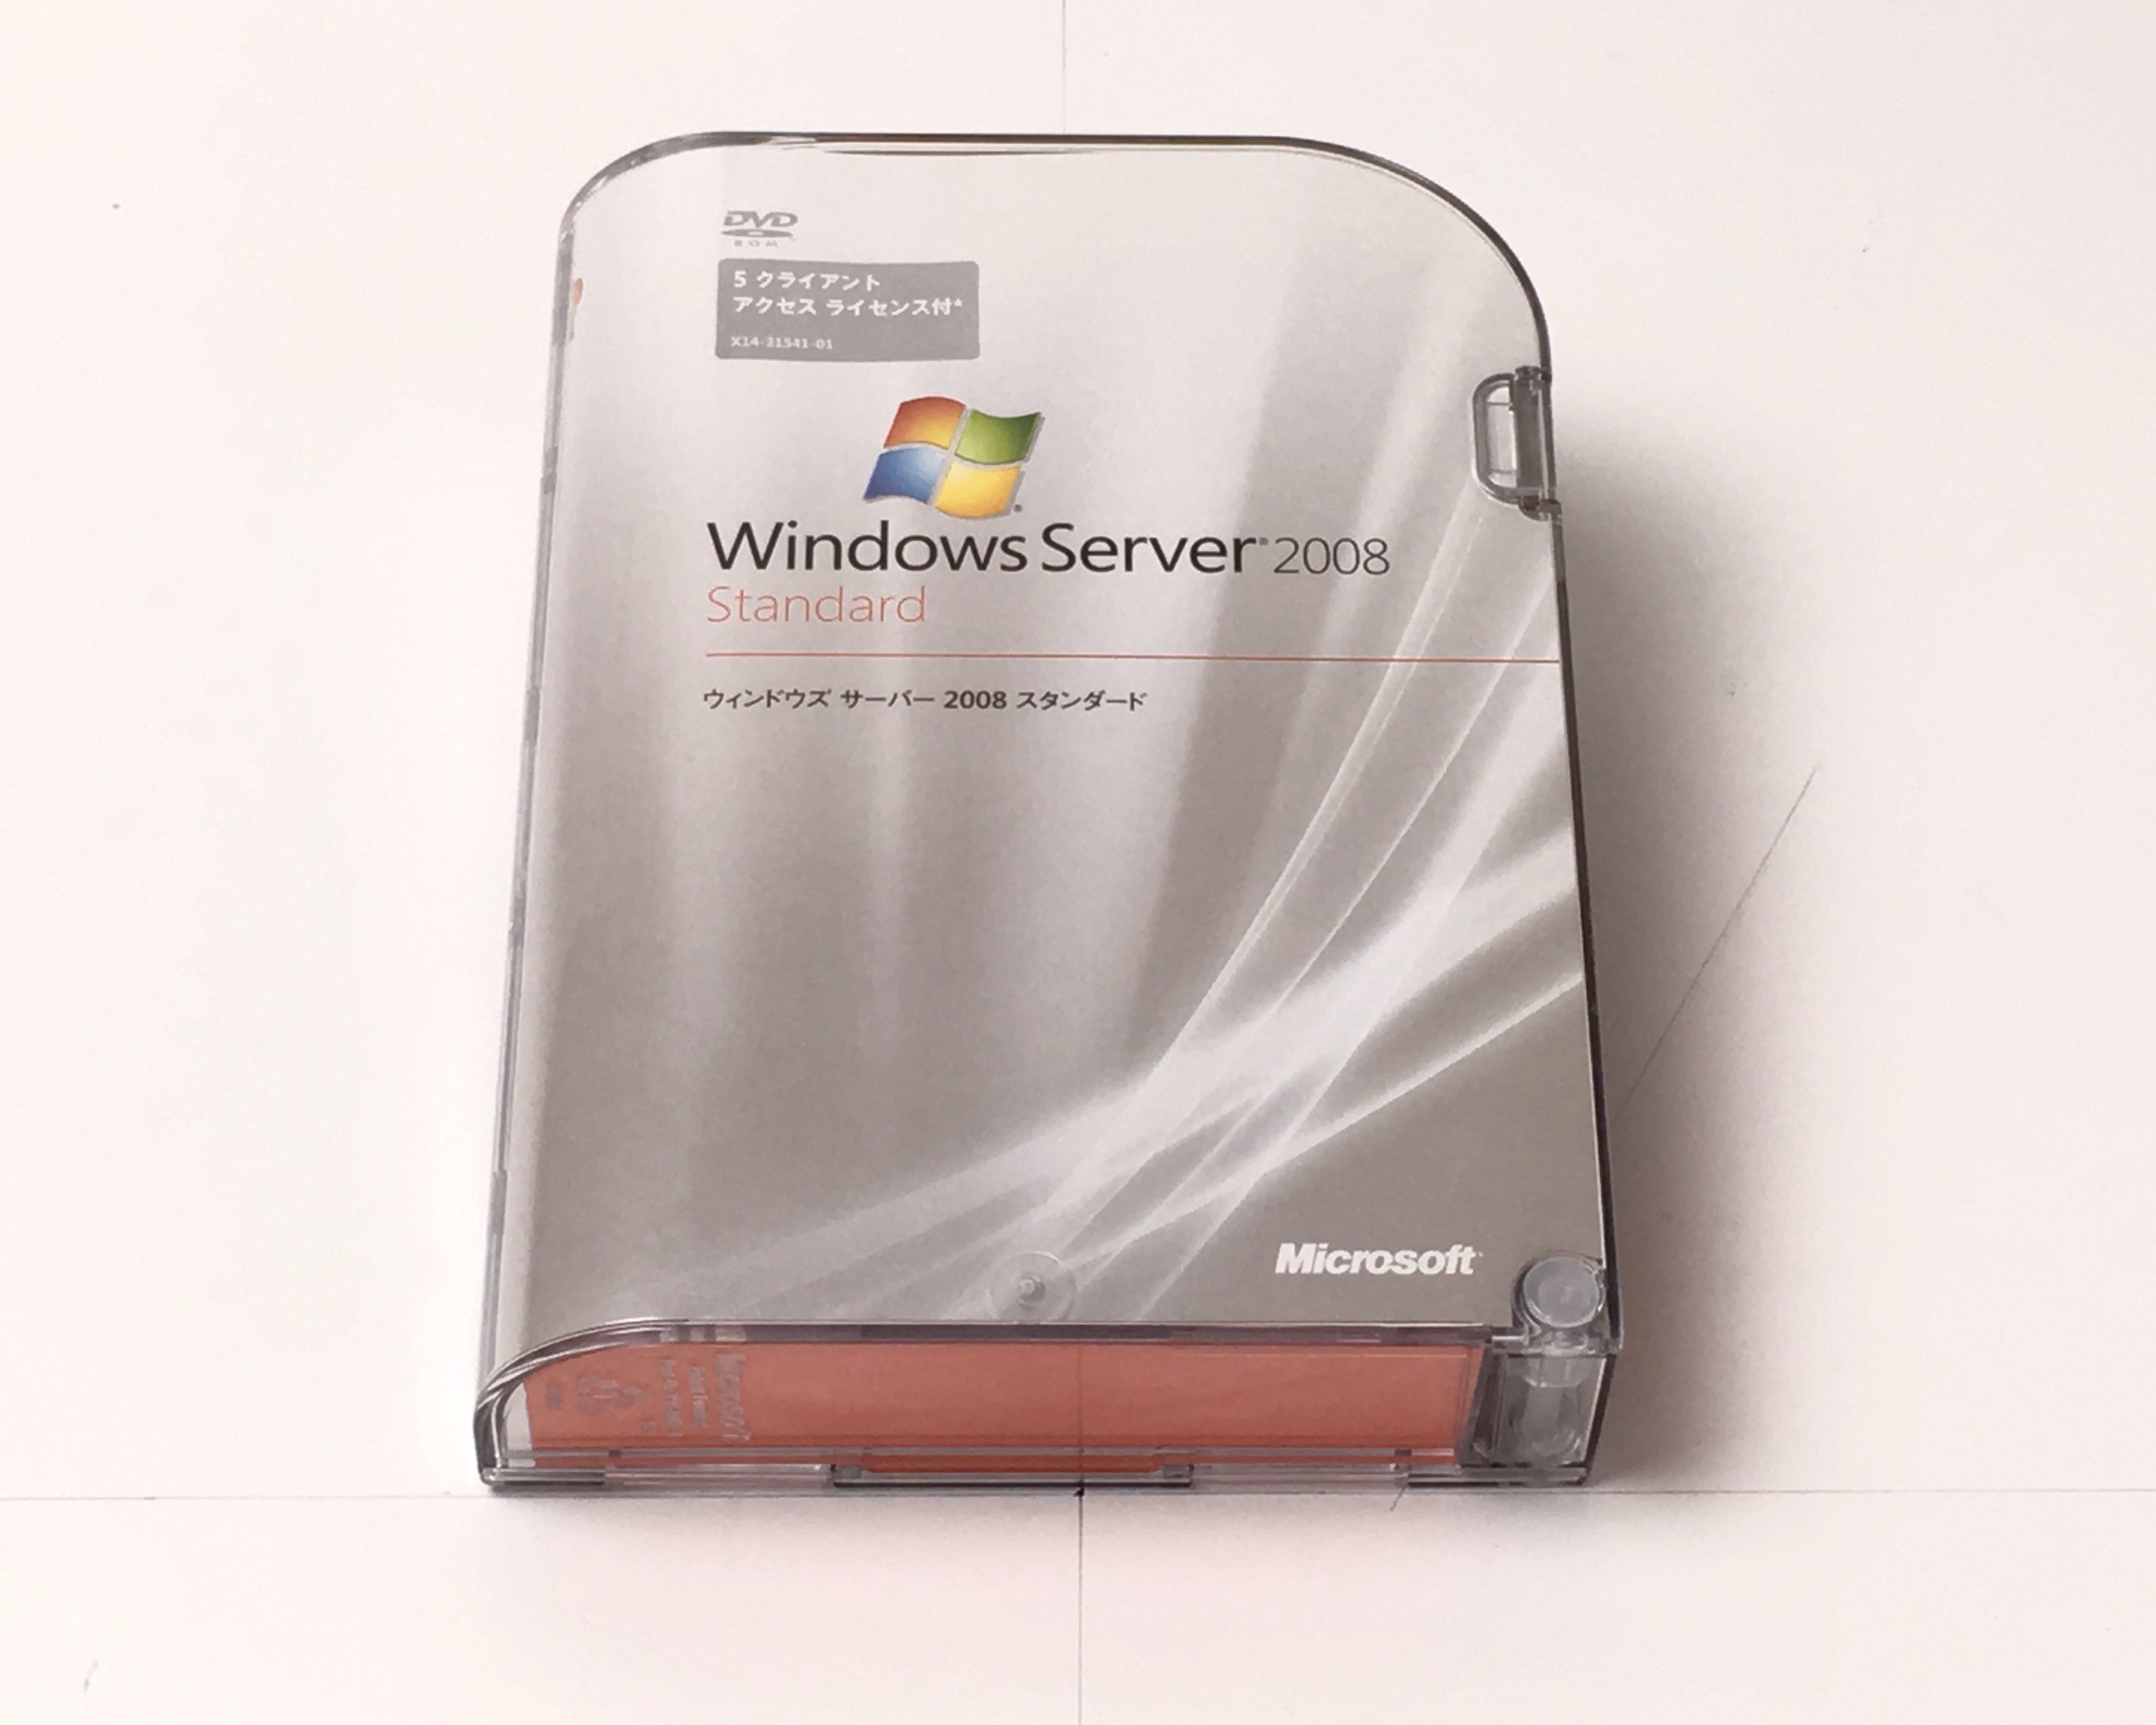 【中古品】Windows Server 2008 Standard (5クライアント アクセス ライセンス付)  Windows メイン画像